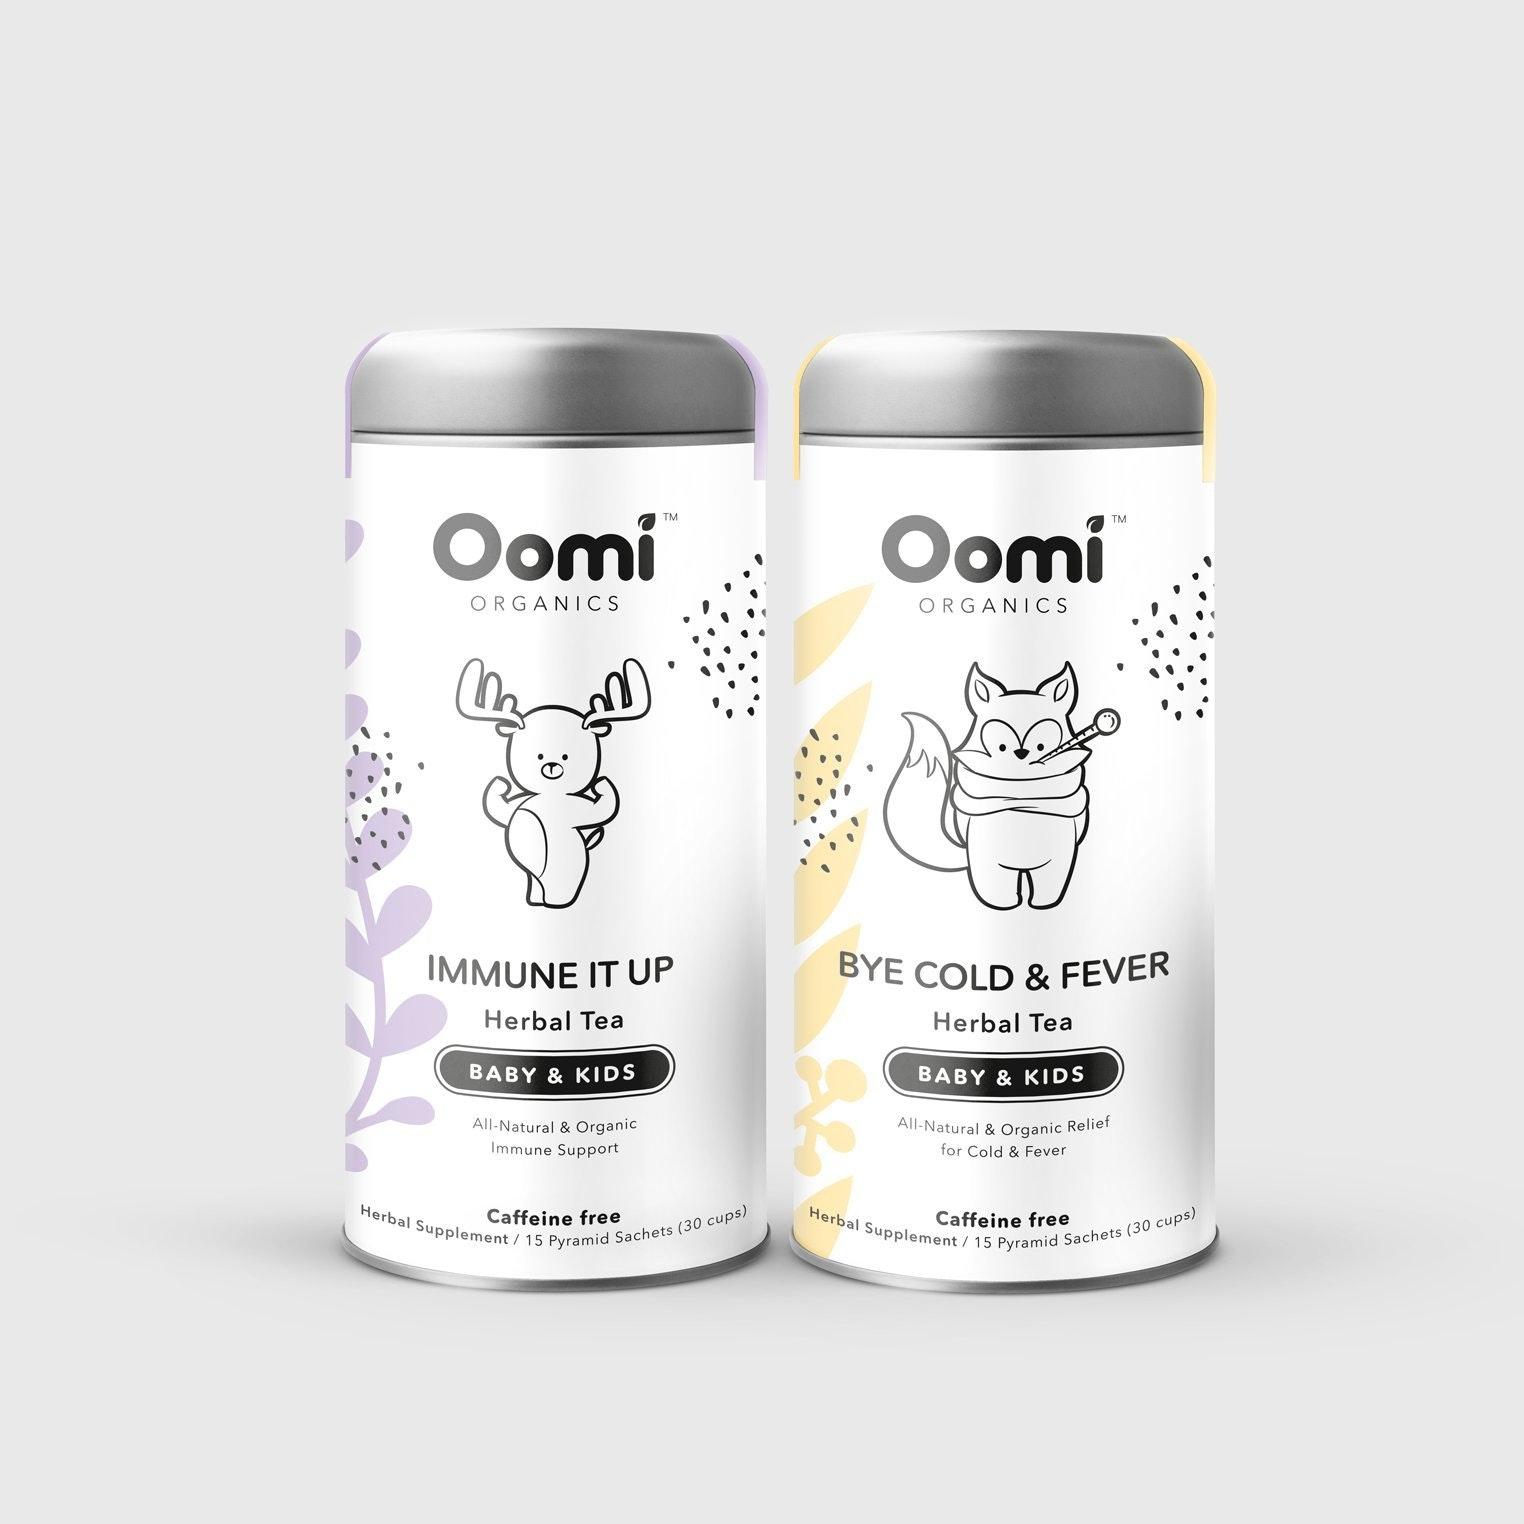 Oomi Organics Tea